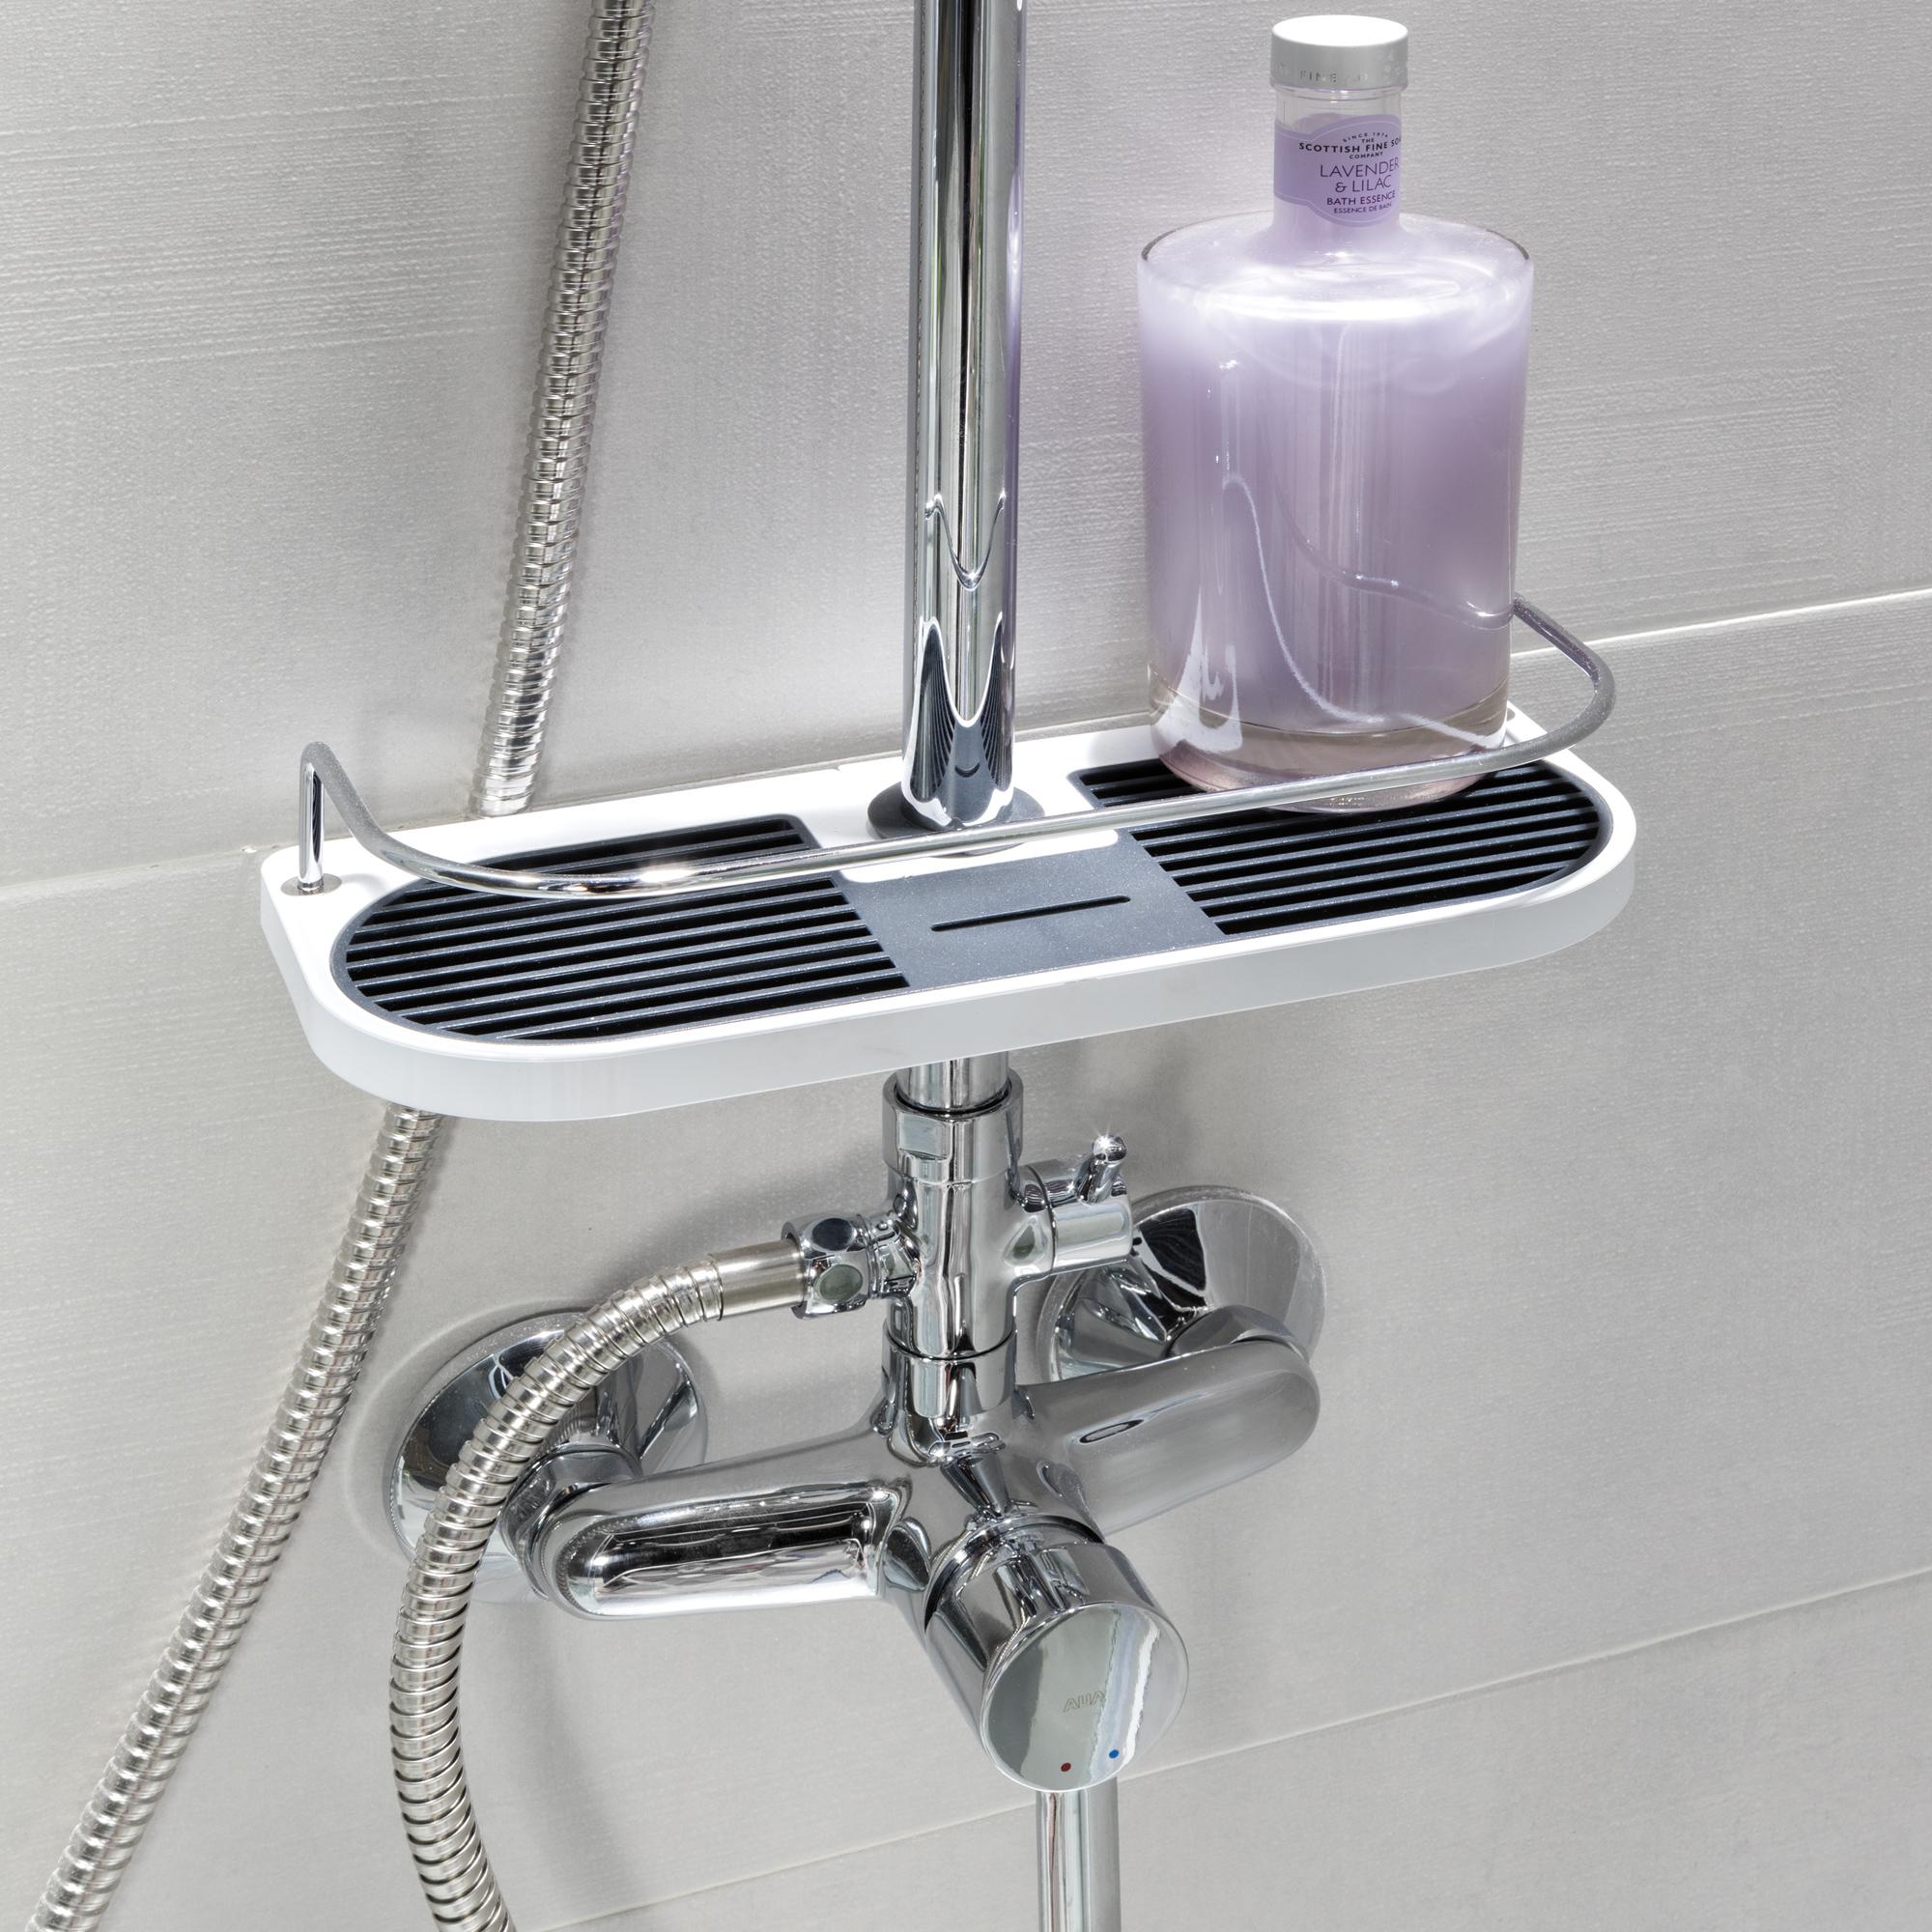 Cooper el estante para ducha adaptable grup gamma - Estantes para interior ducha ...